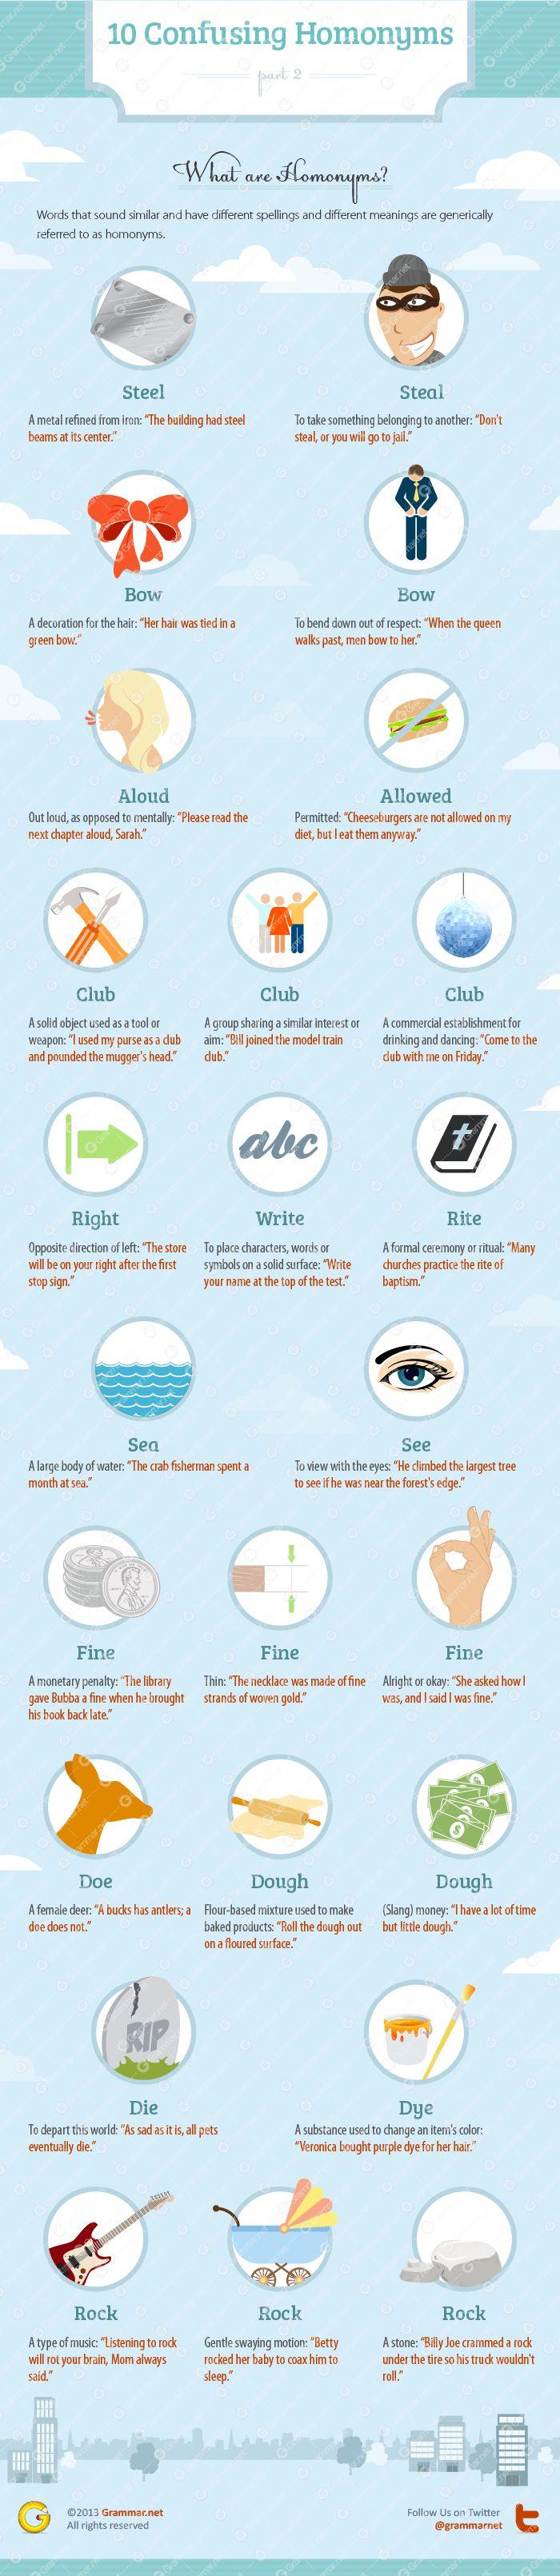 Infographic | Grammar Newsletter - English Grammar Newsletter - Part 4